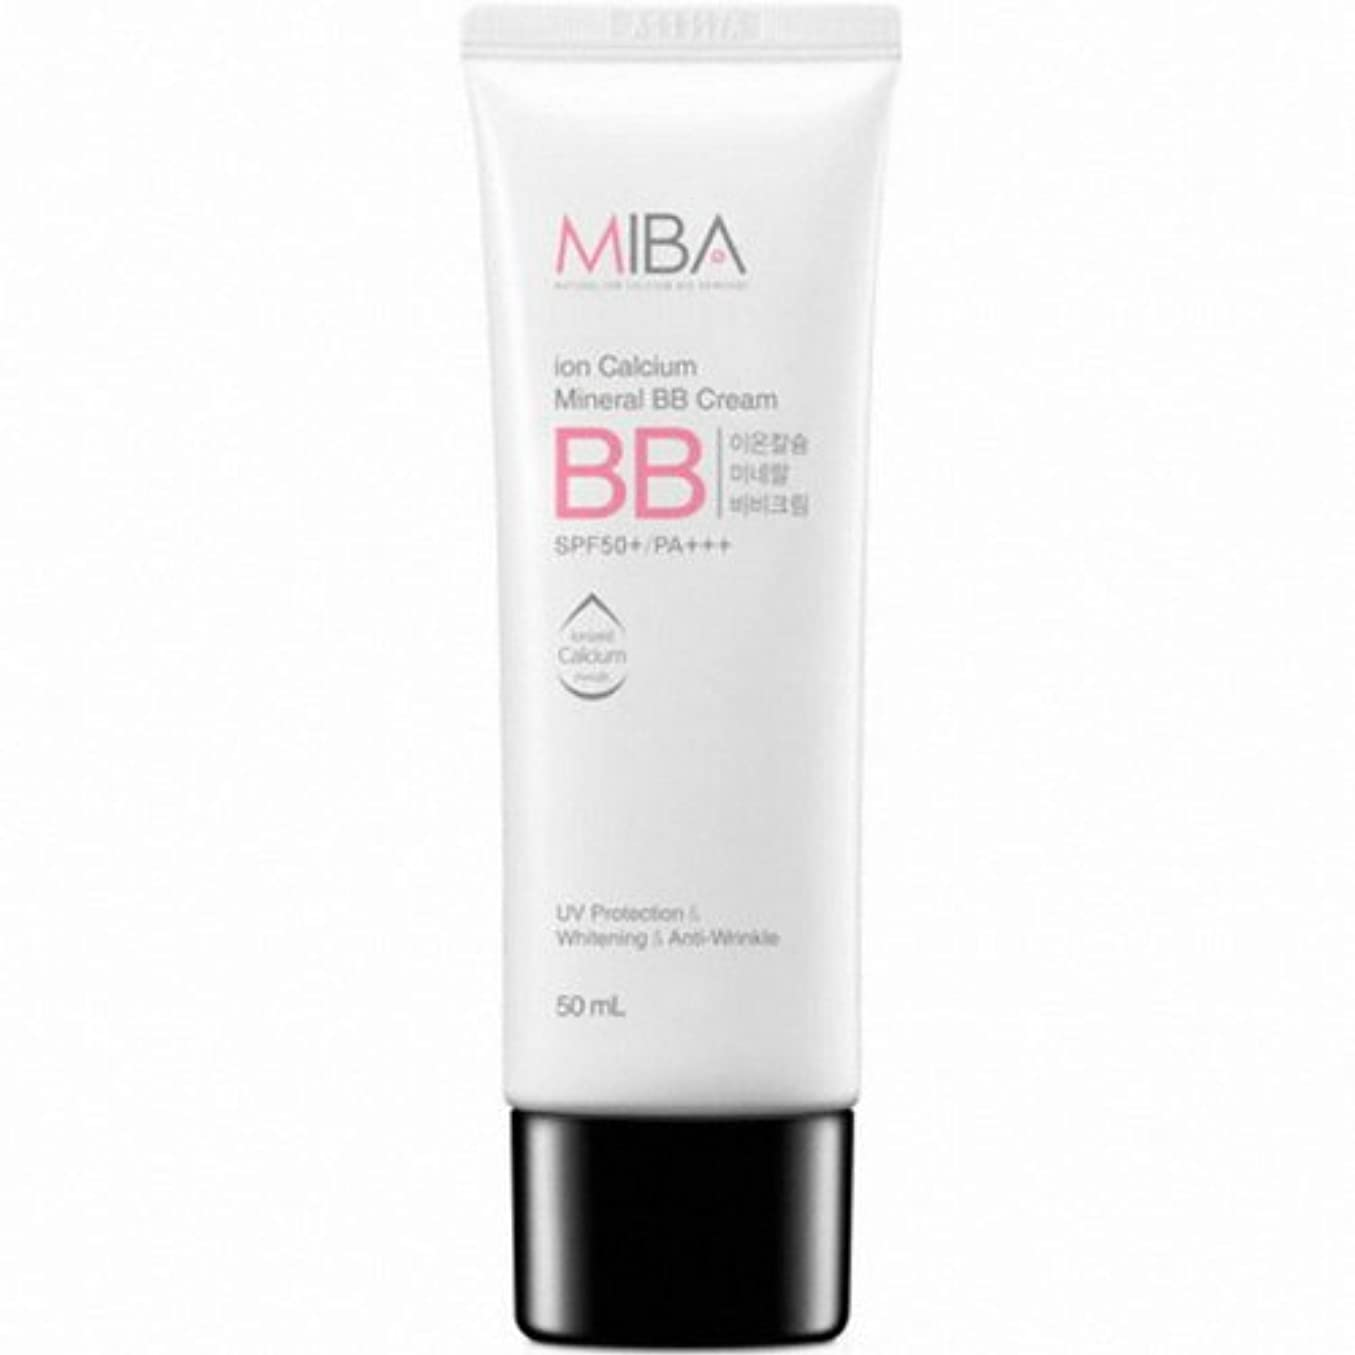 ヘリコプター備品シニスMINERALBIO (ミネラルバイオ) ミバ イオン カルシウム ミネラル ビビクリーム / MIBA Ion Calcium Mineral BB Cream (50ml) [並行輸入品]